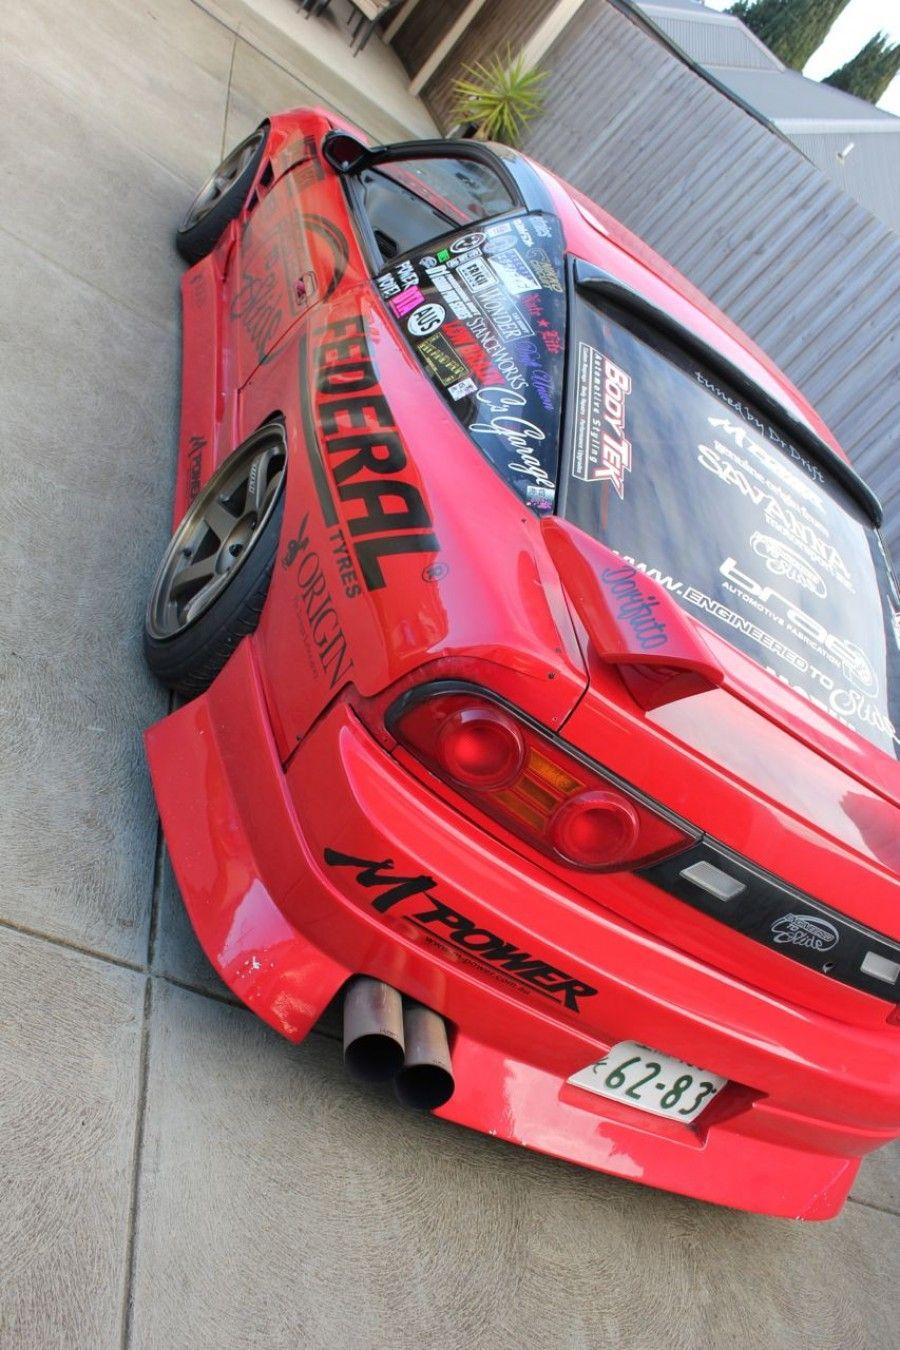 Nissan Drift Car Http Www Turrifftyres Co Uk Drift